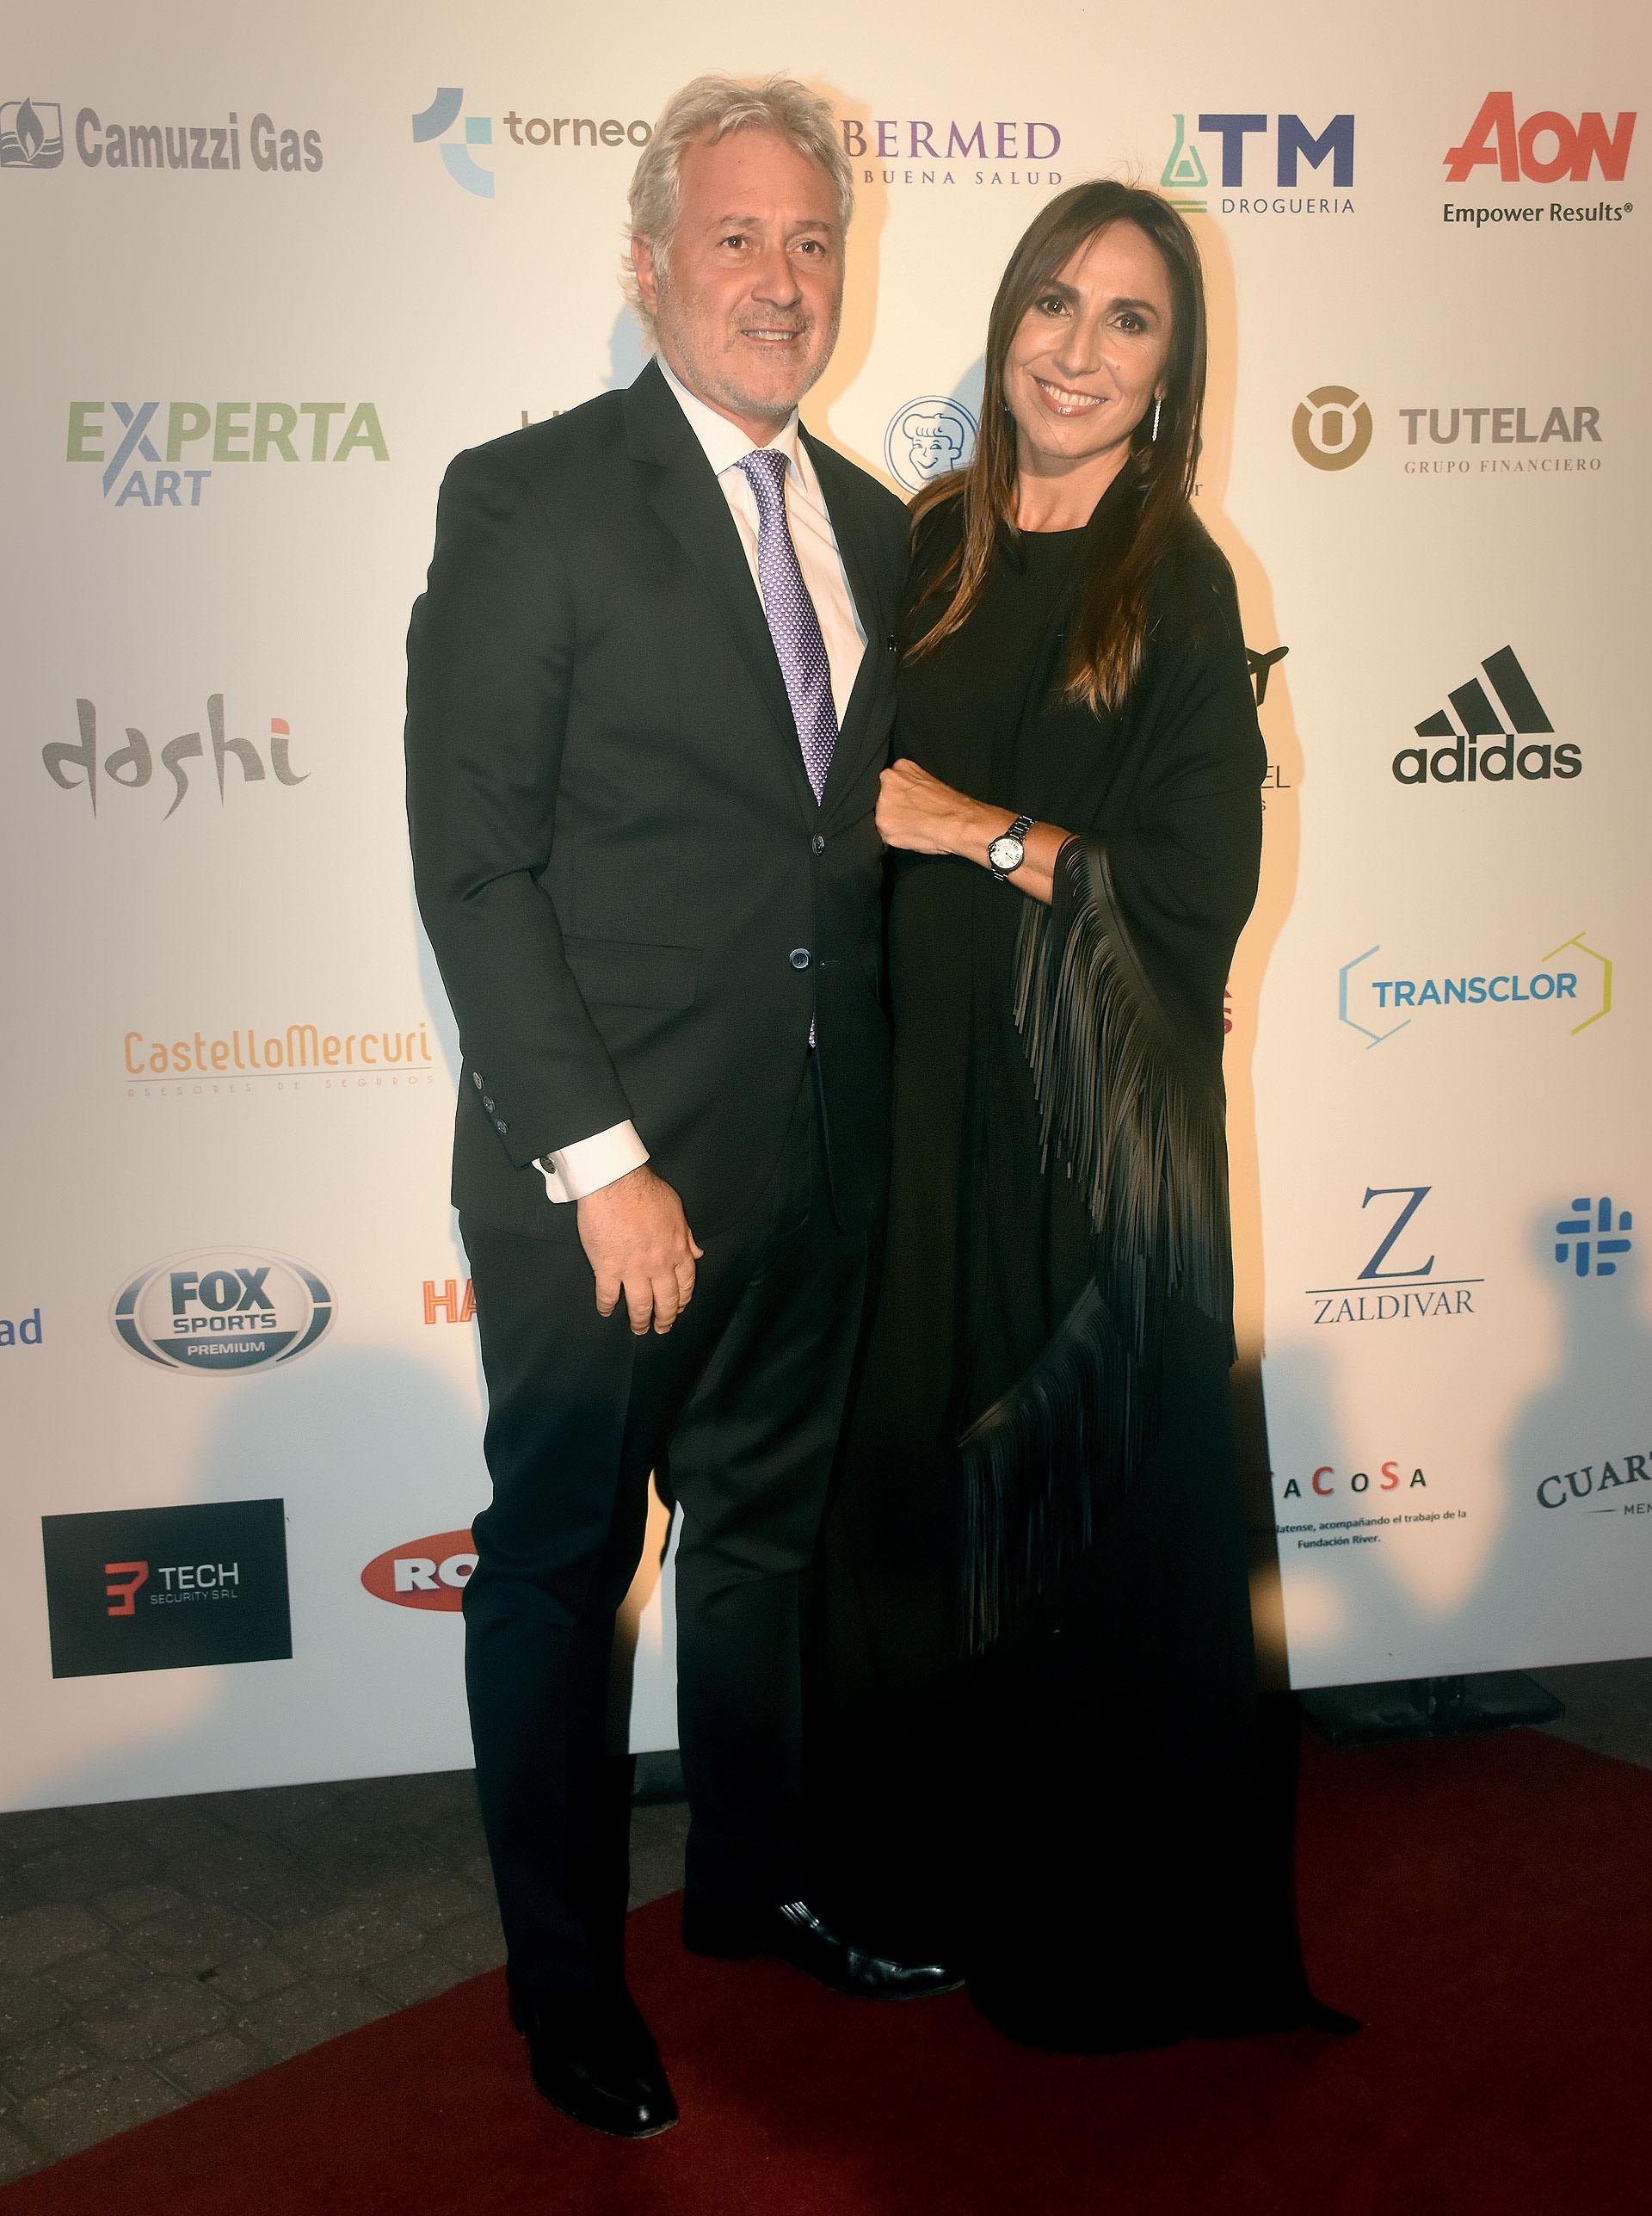 Matías Patanian, CEO de Aeropuertos Argentina 2000 y ex vicepresidente de River, junto a su mujer Karina